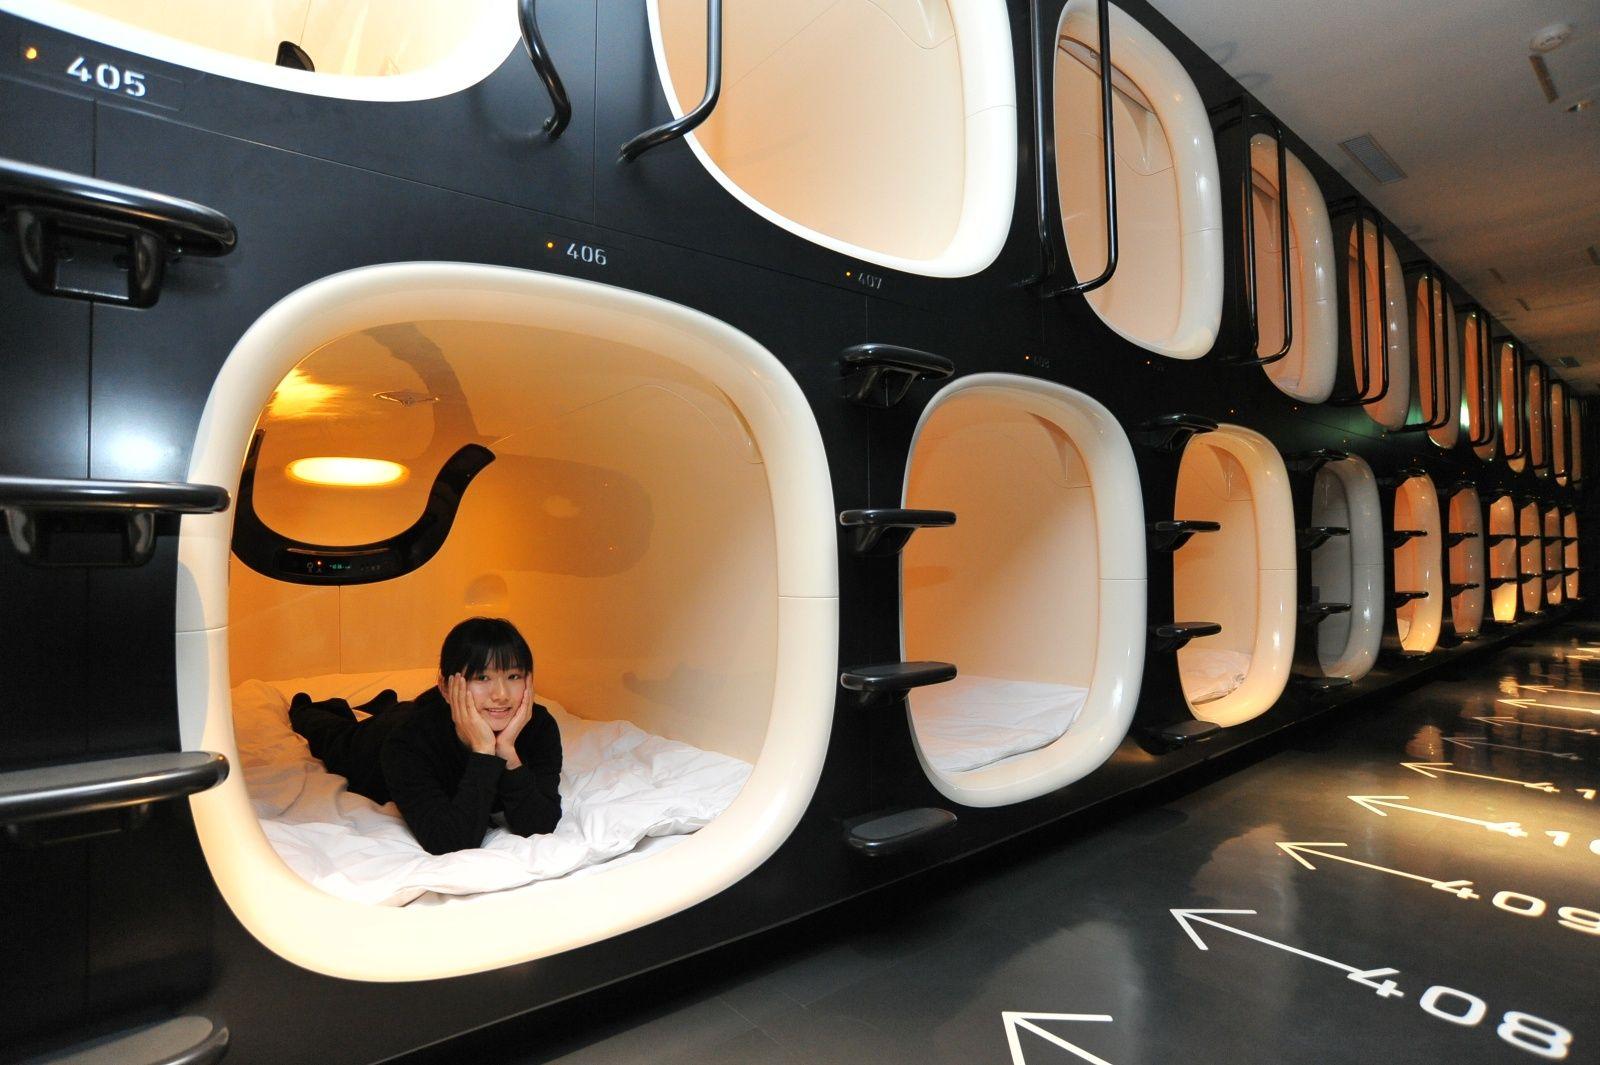 9 Hours Capsule Hotel In Tokyo Travel Japan Tokyo Hotels Japan